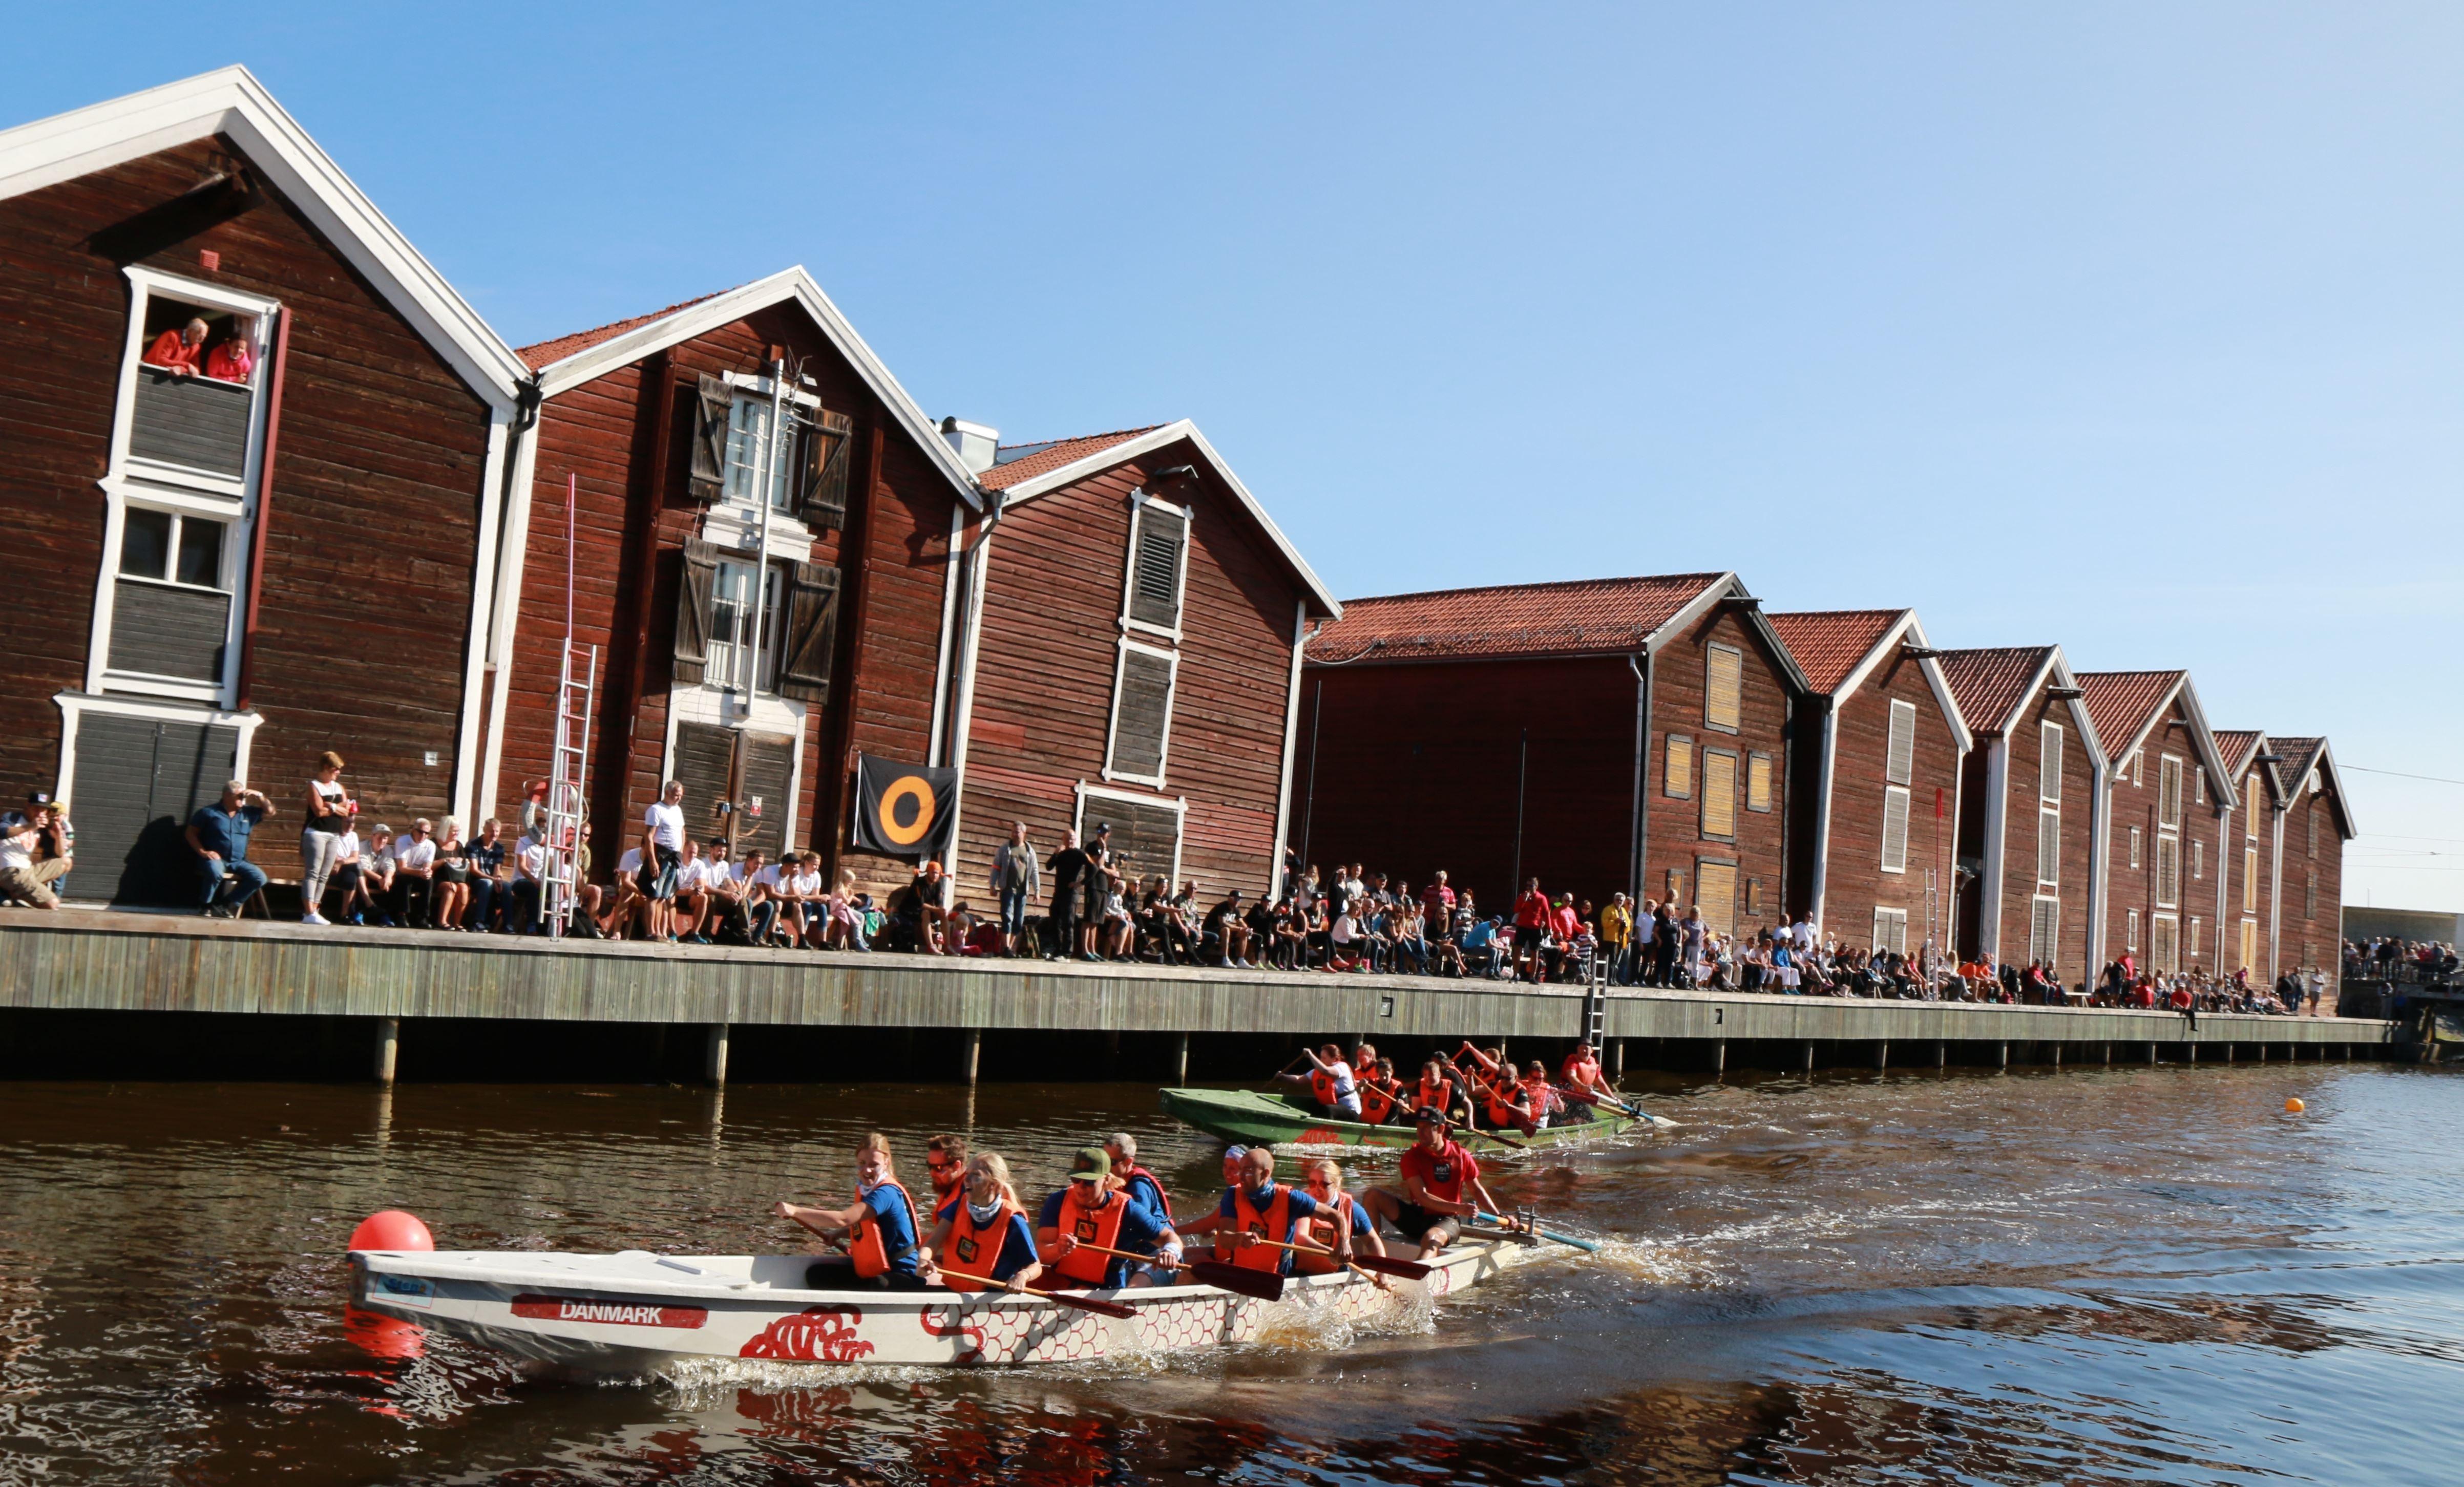 Vattenfestivalen/Drakbåtssprinten